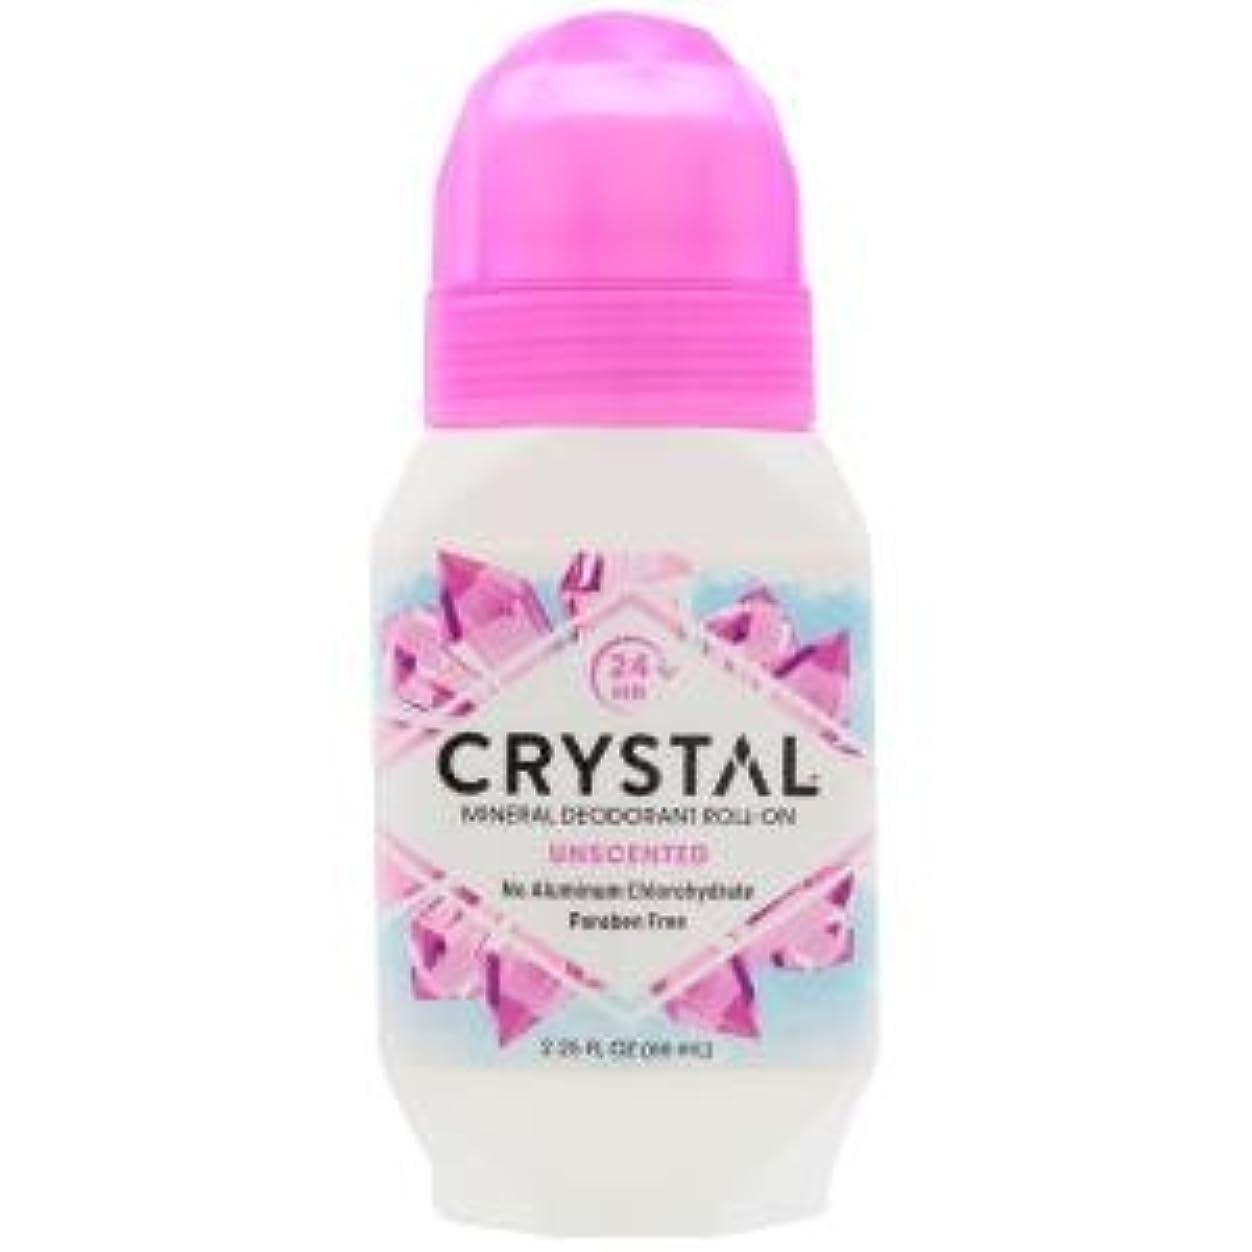 敬お香腫瘍[海外直送品] クリスタルボディデオドラント(Crystal Body Deodorant) ロールオン(無香料) 66ml